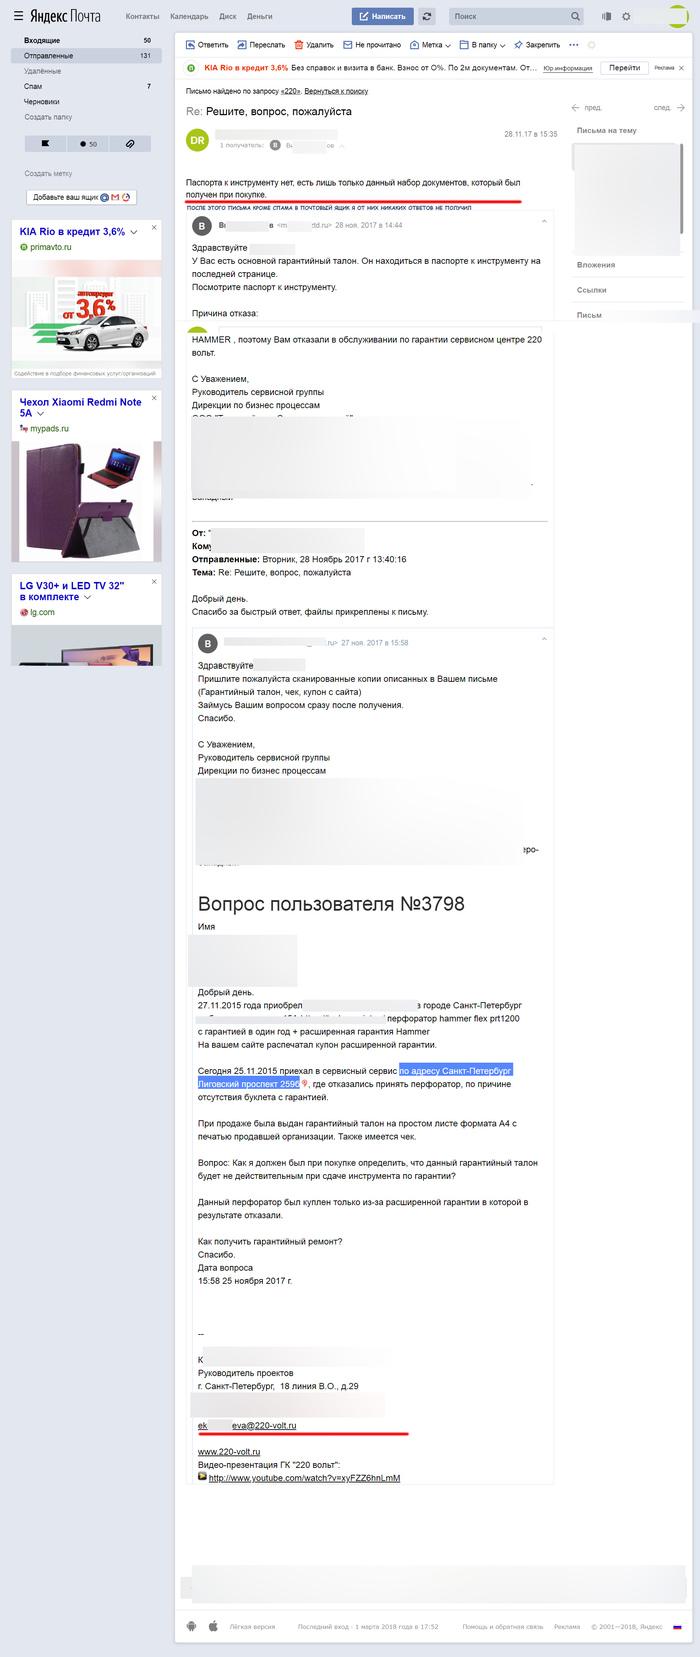 Отзыв о сервисном центре 220 Вольт 220 вольт, 220 volt, Отзыв, Яндекс маркет, Негатив, Обман, Хаммер